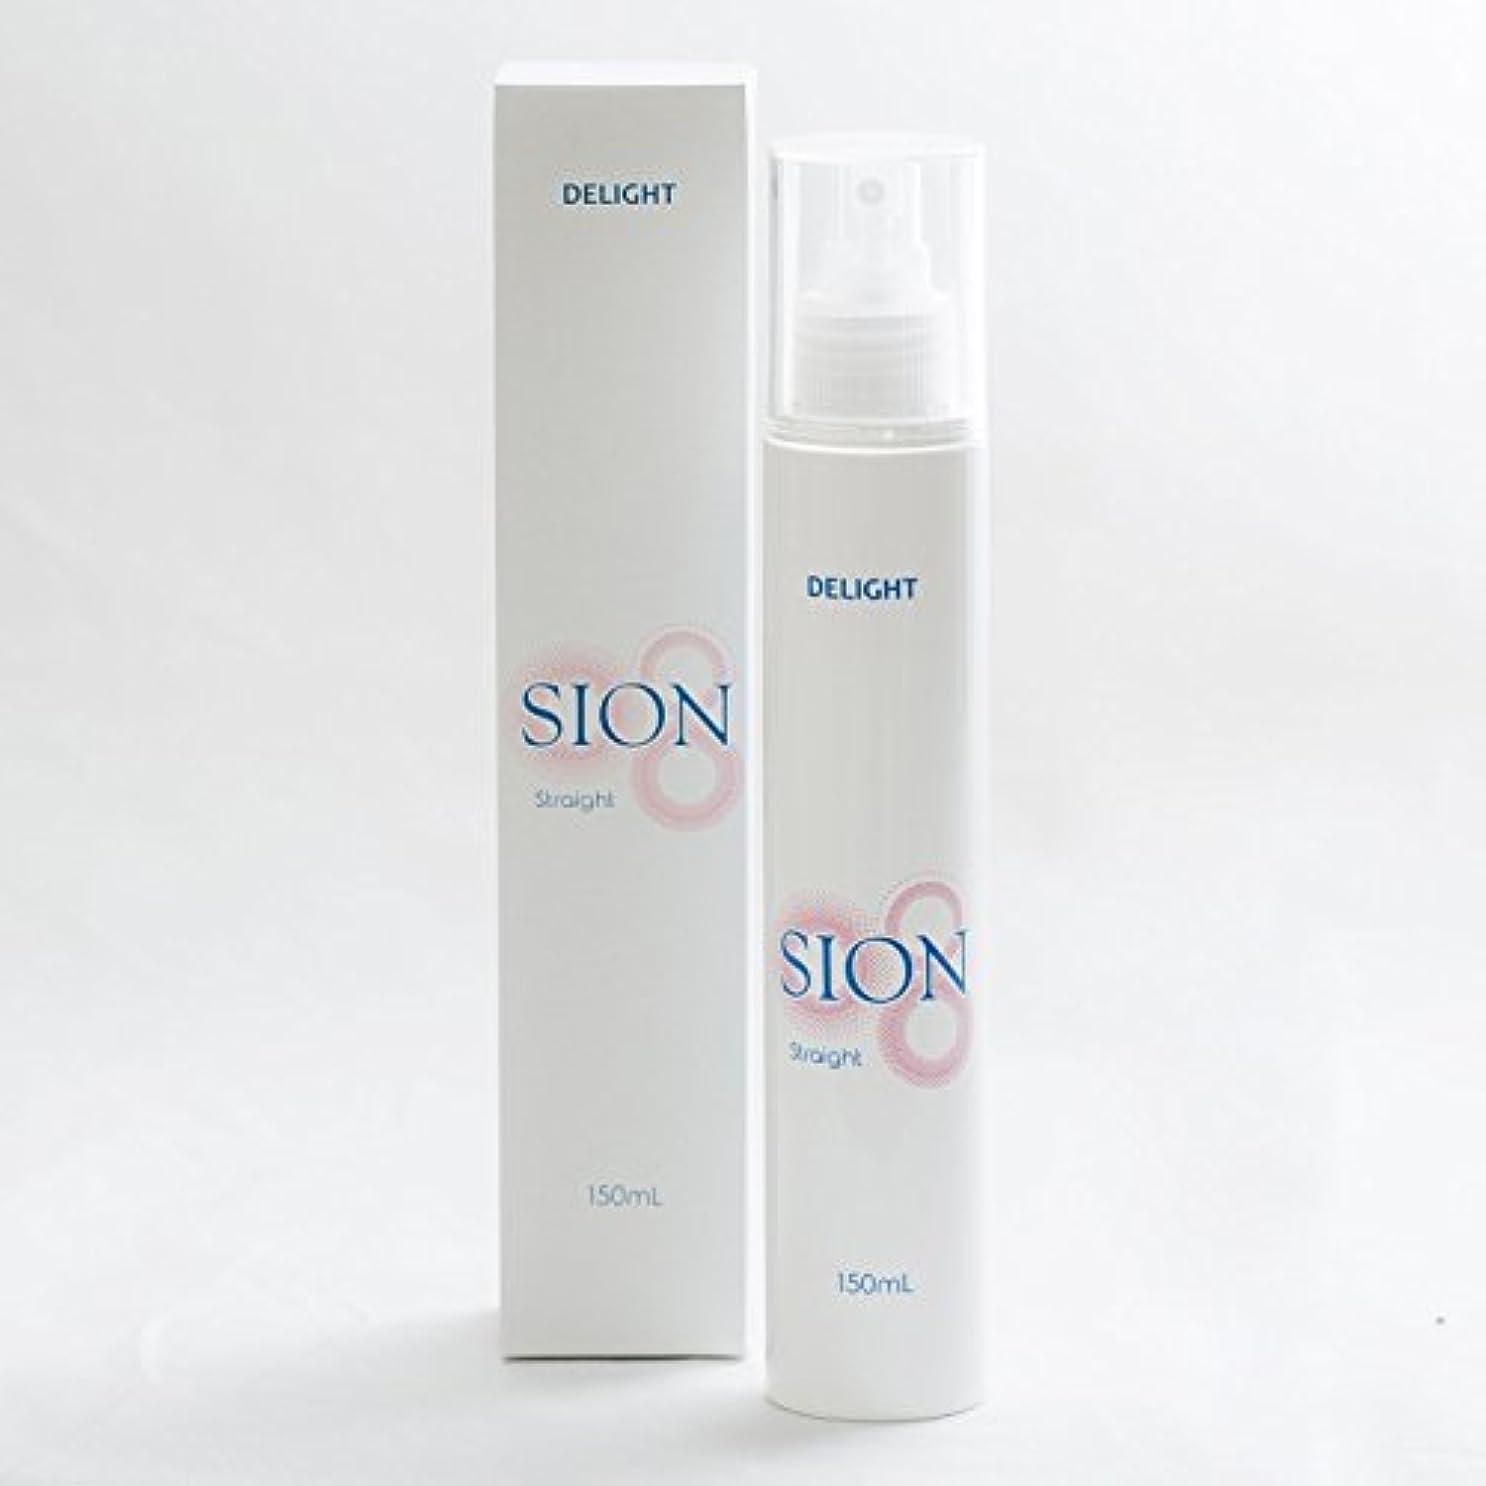 口述するリーアームストロング[DELIGHT] SION Straight 150mL 化粧水 高機能還元性イオン水 (S-109)